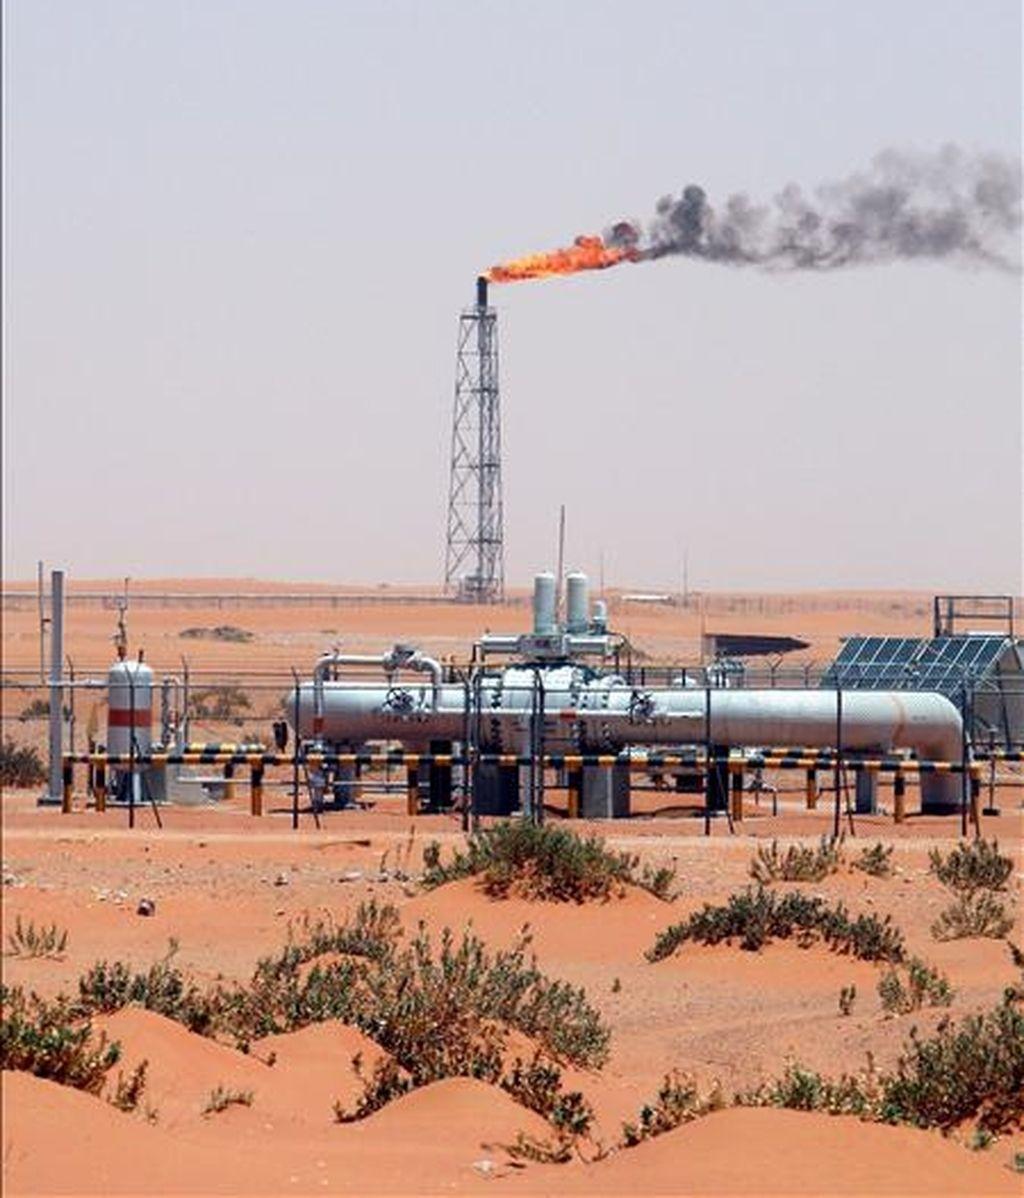 El yacimiento de petróleo Khurais en el desierto, a unos 160 kilómetros de Riyadh (Arabia Saudí). EFE/Archivo